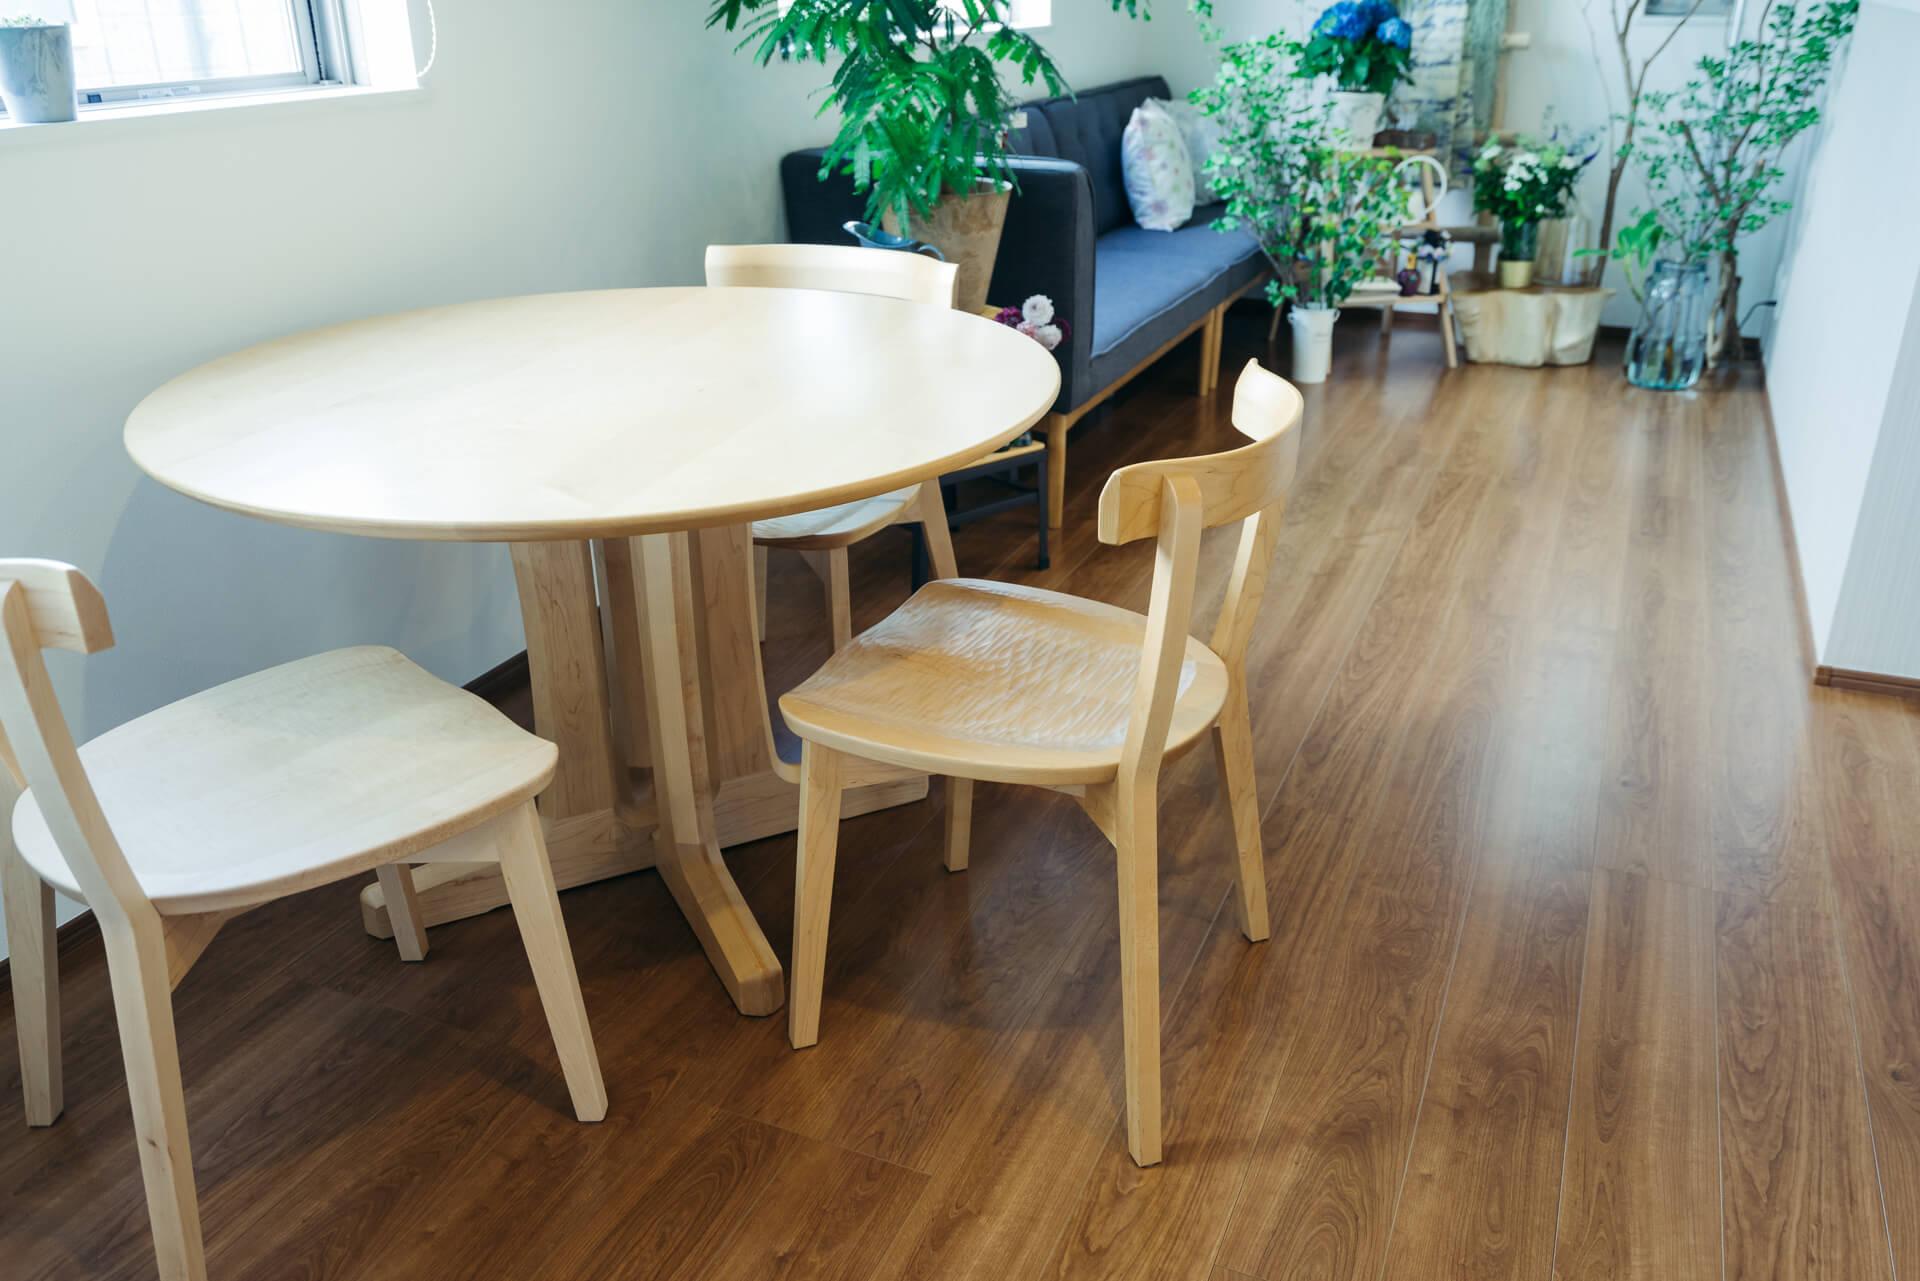 こちらは、「長時間座っていてもぜんぜん疲れない」とお気に入りの旭川家具のダイニングセット。